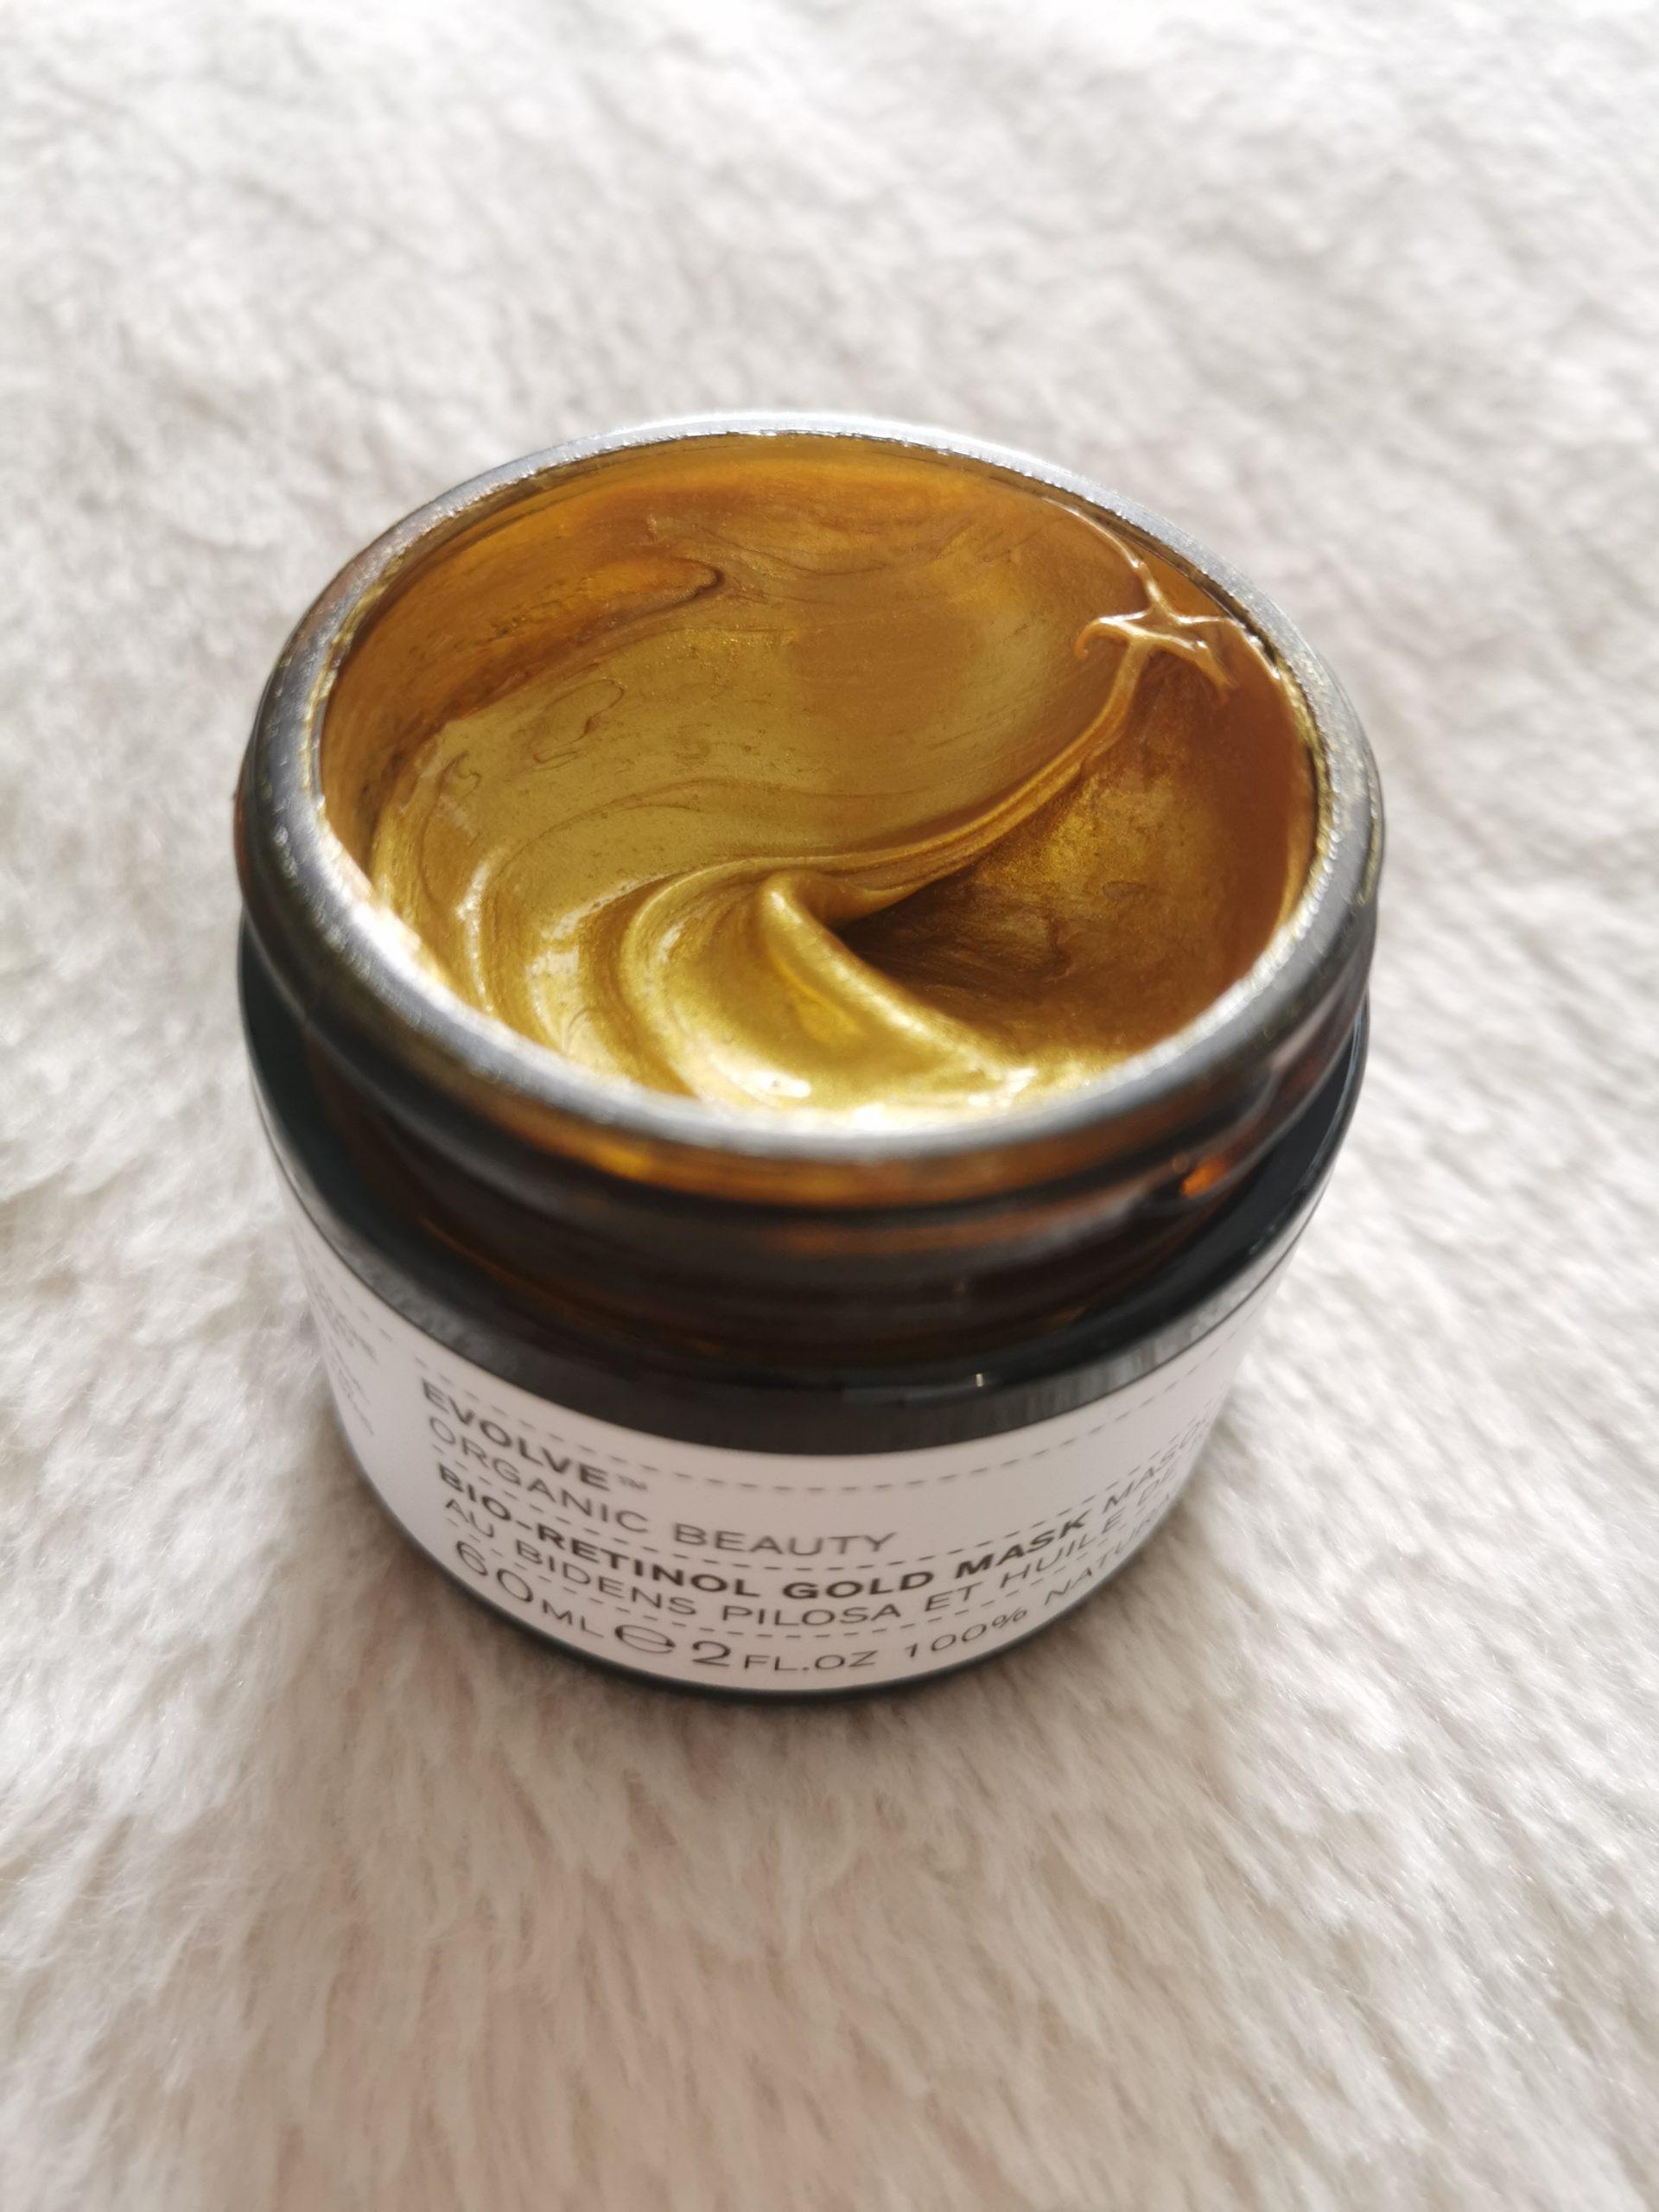 Masque bio gold naturel